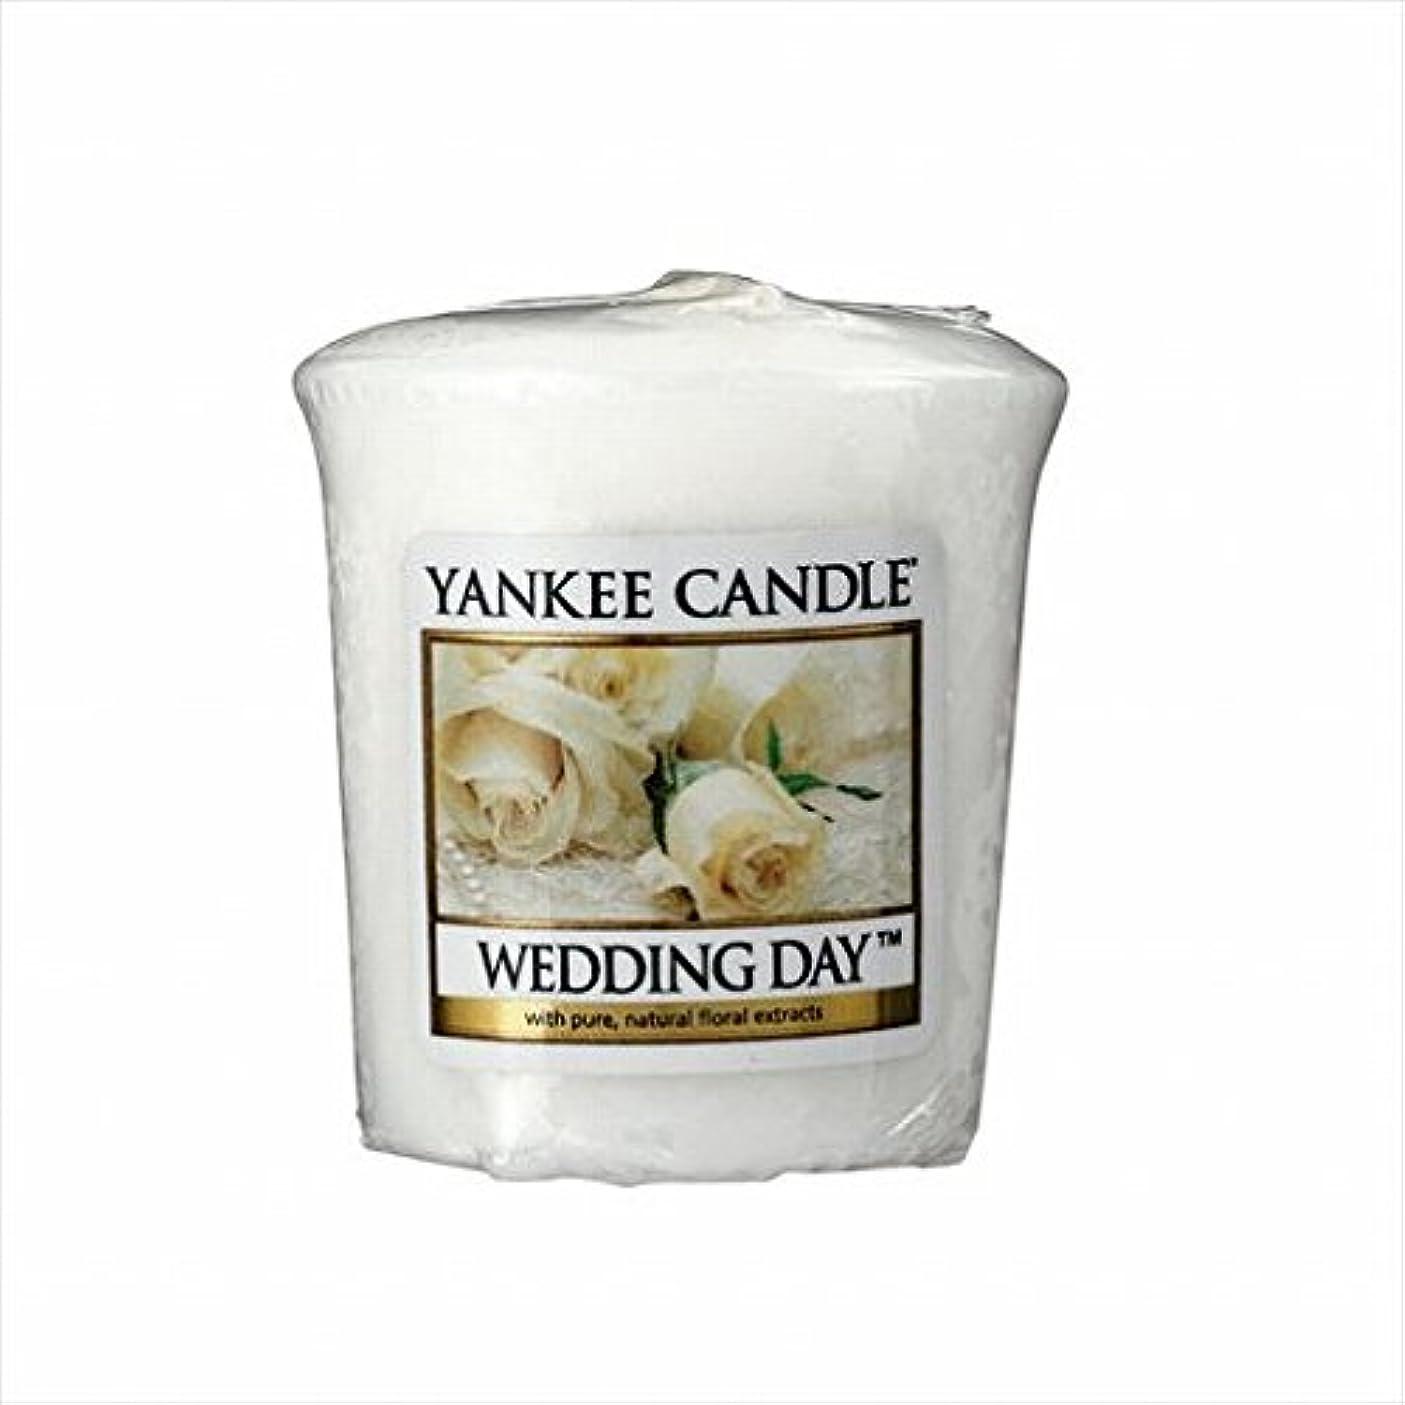 ソブリケットすでにぬるいカメヤマキャンドル(kameyama candle) YANKEE CANDLE サンプラー 「 ウエディングデイ 」